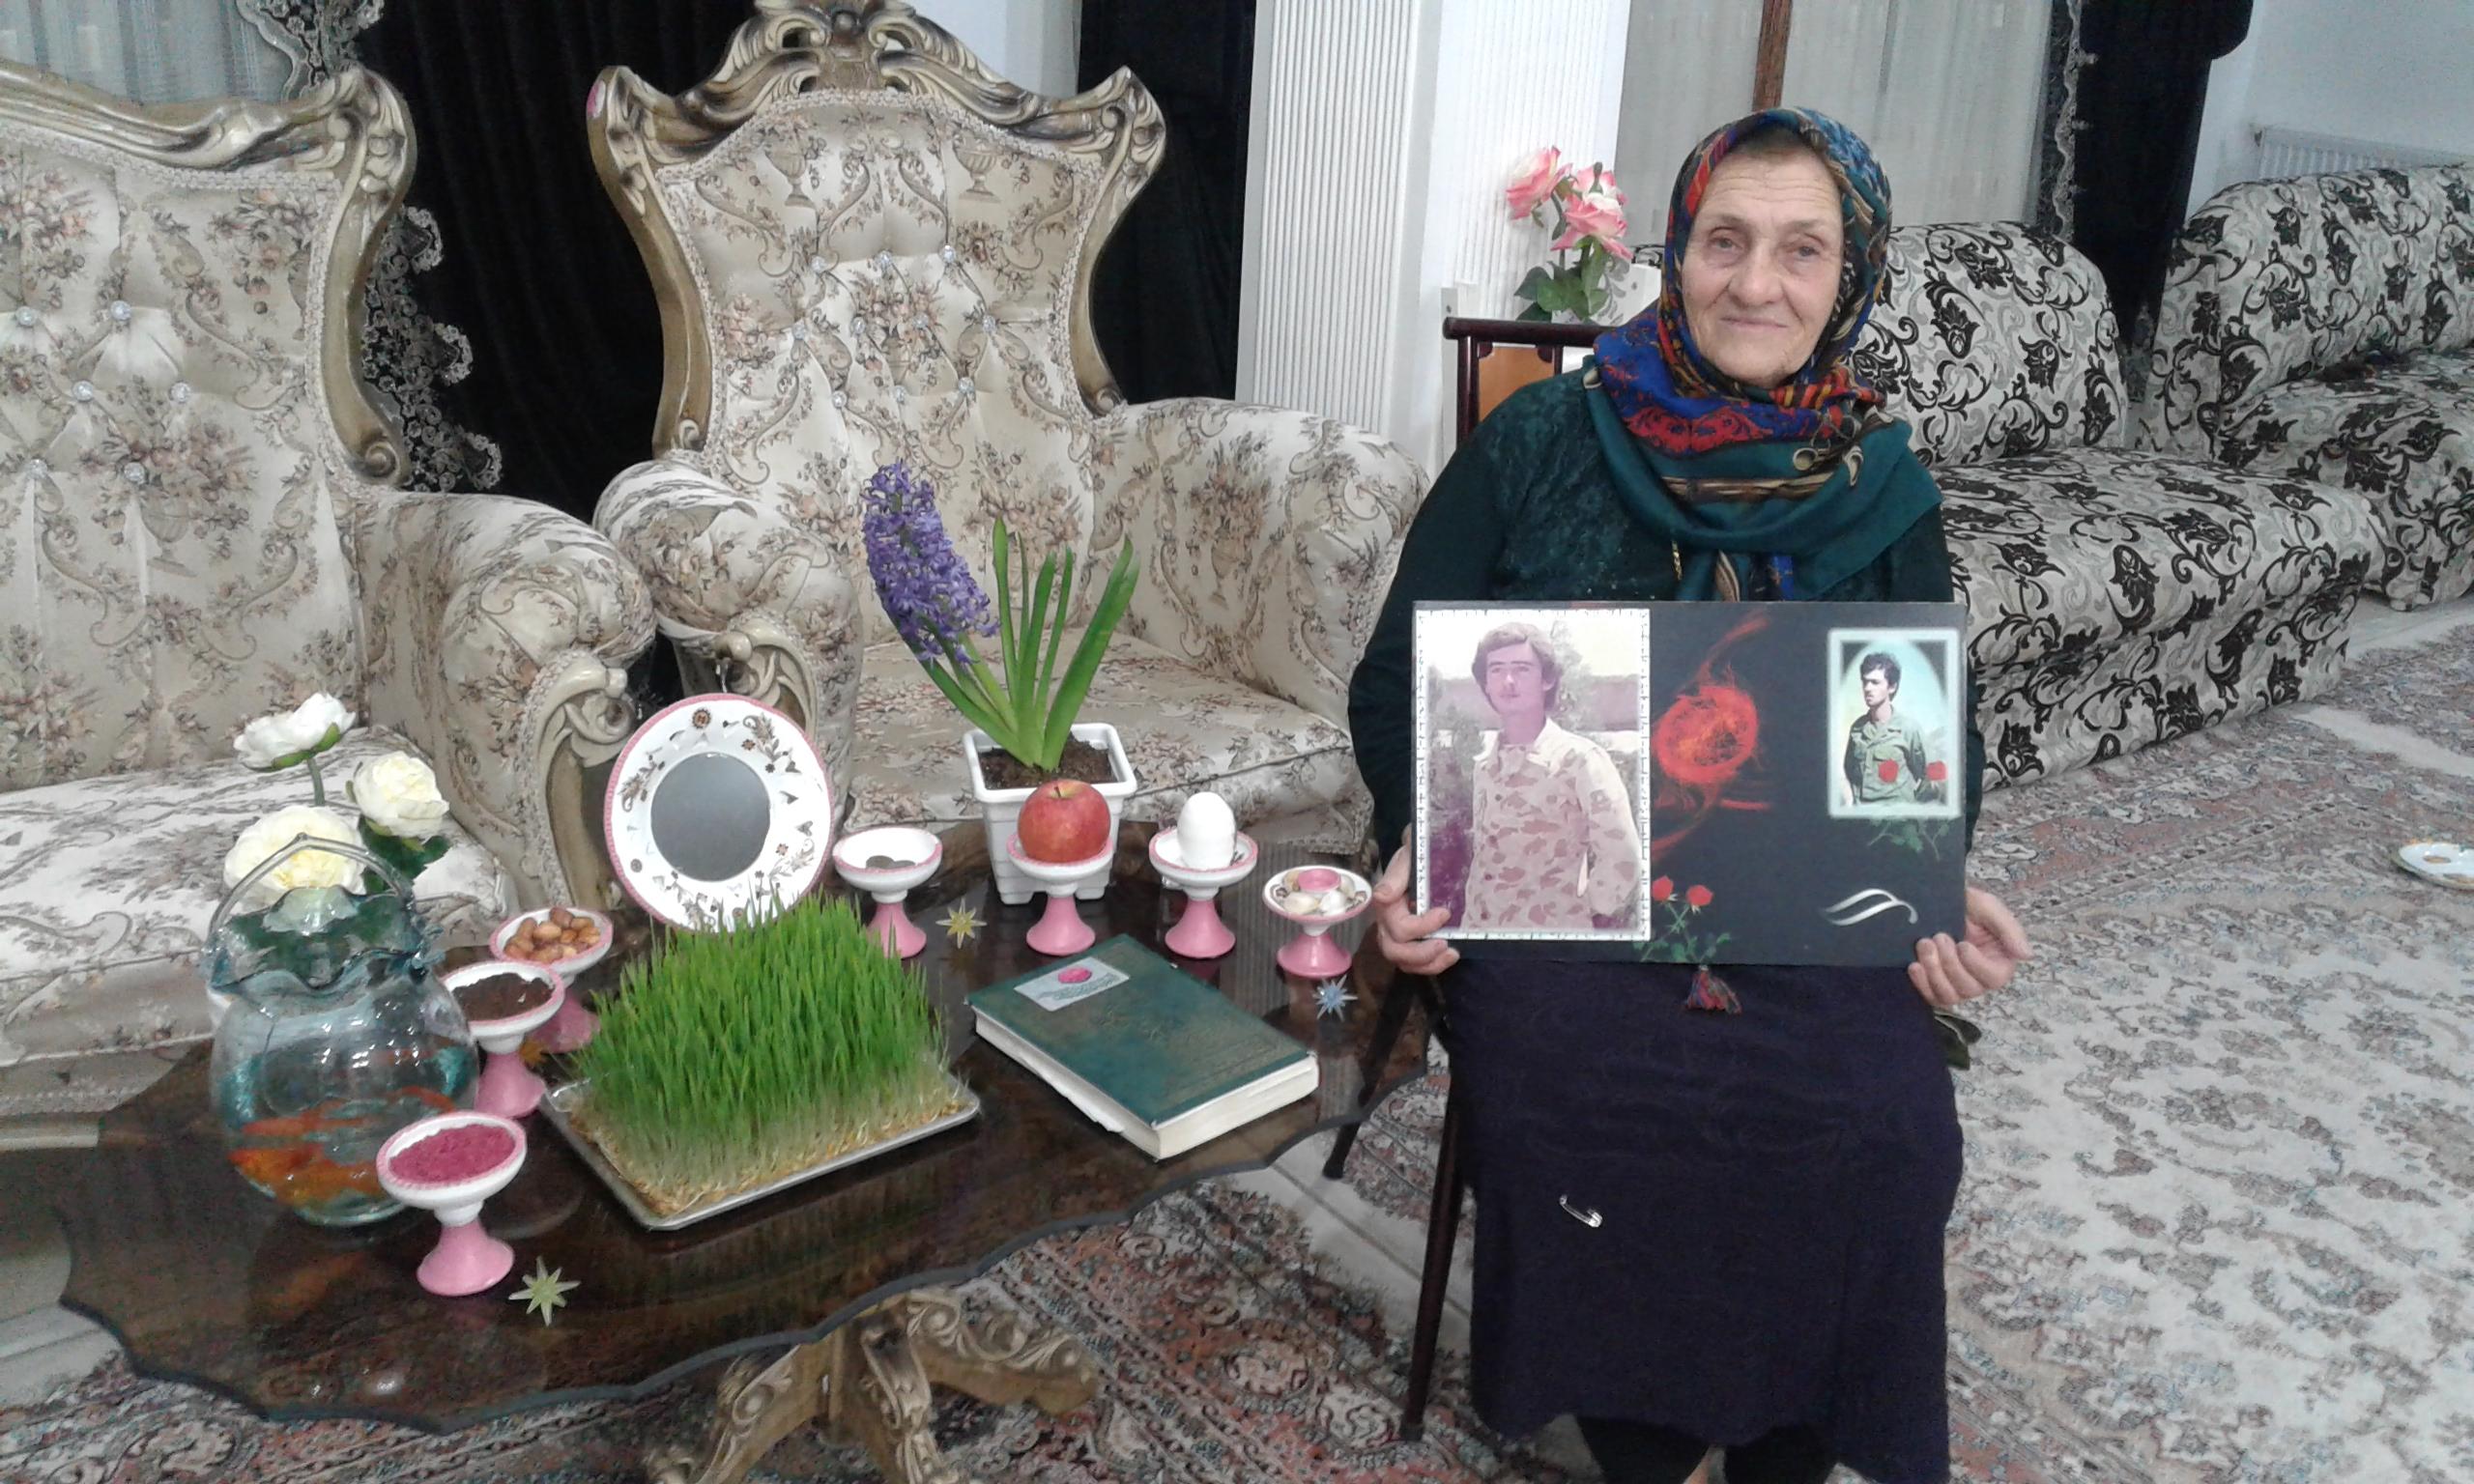 مادر بزرگوار شهید عیسی محمدپور به فرزند شهیدش پیوست